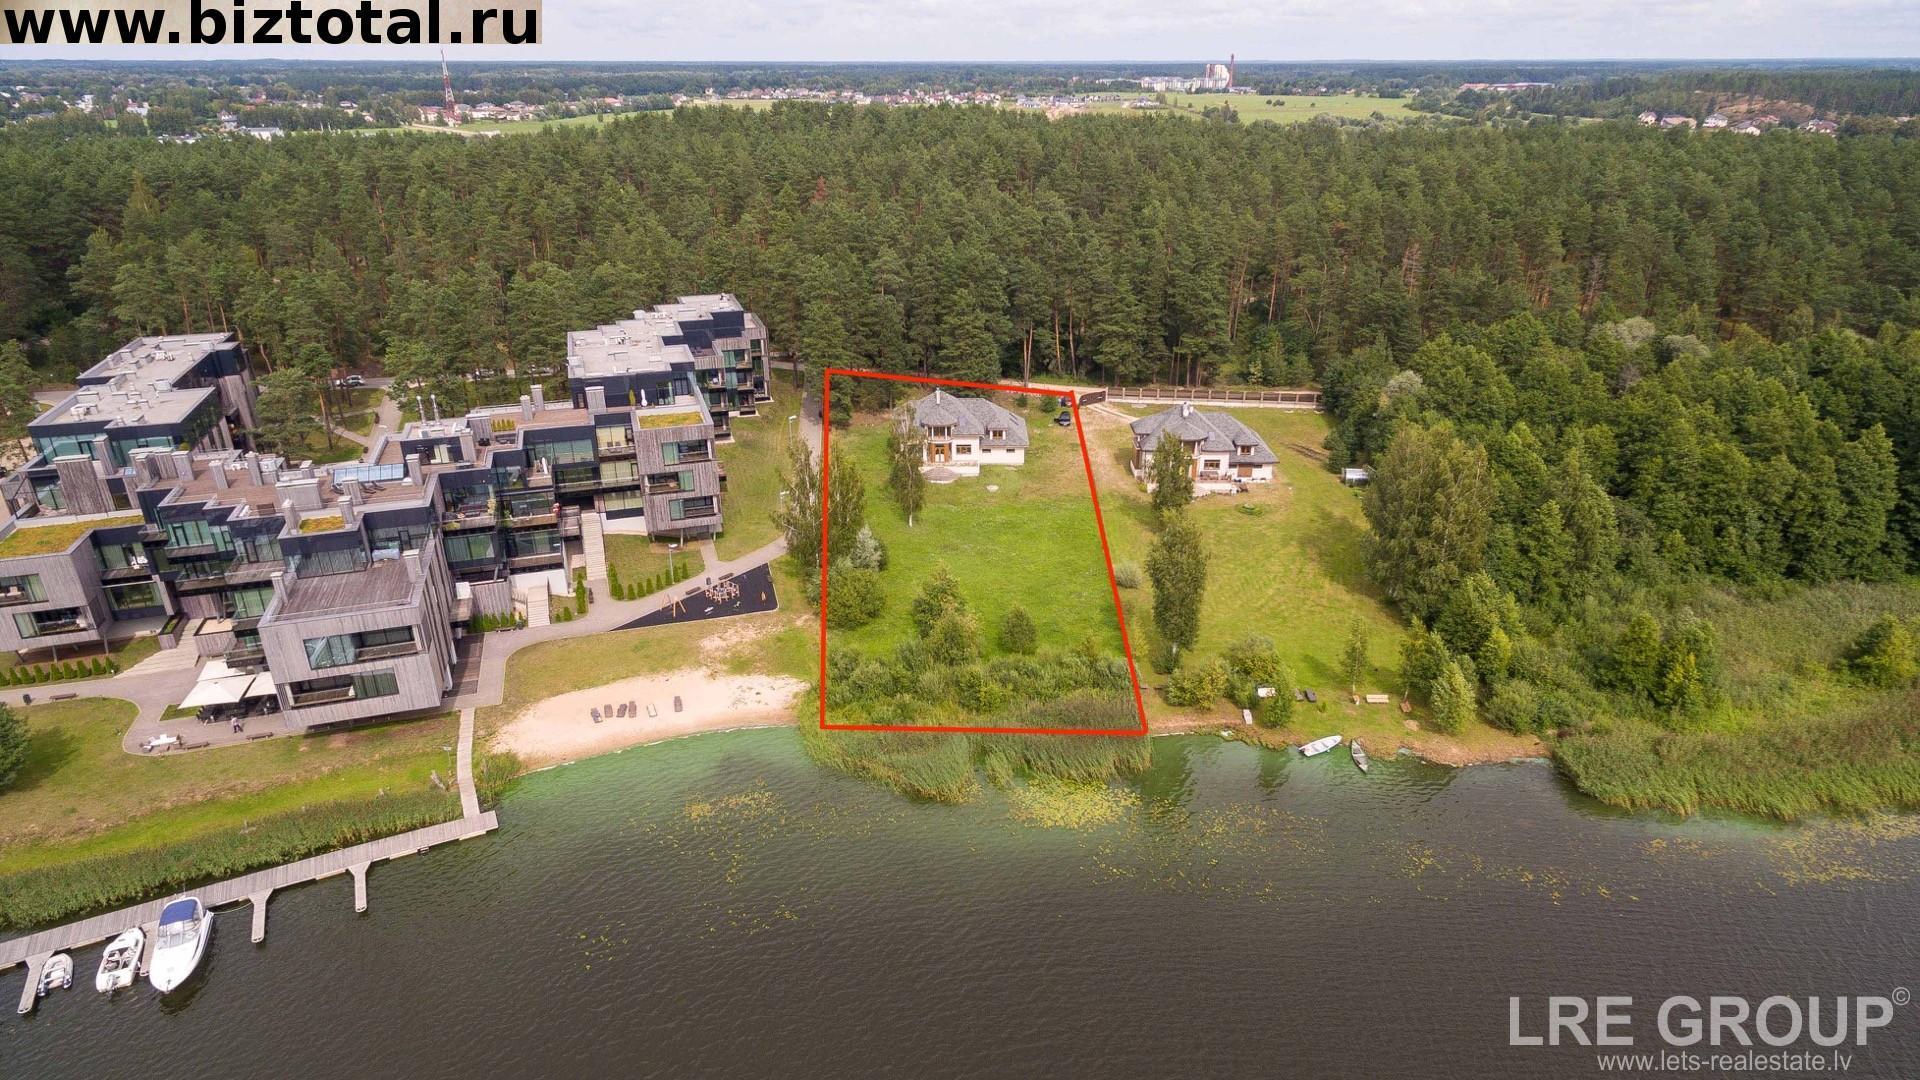 Дом, земля (ул. Балткрасту 2, Балтэзерс, Адажский край, Латвия)